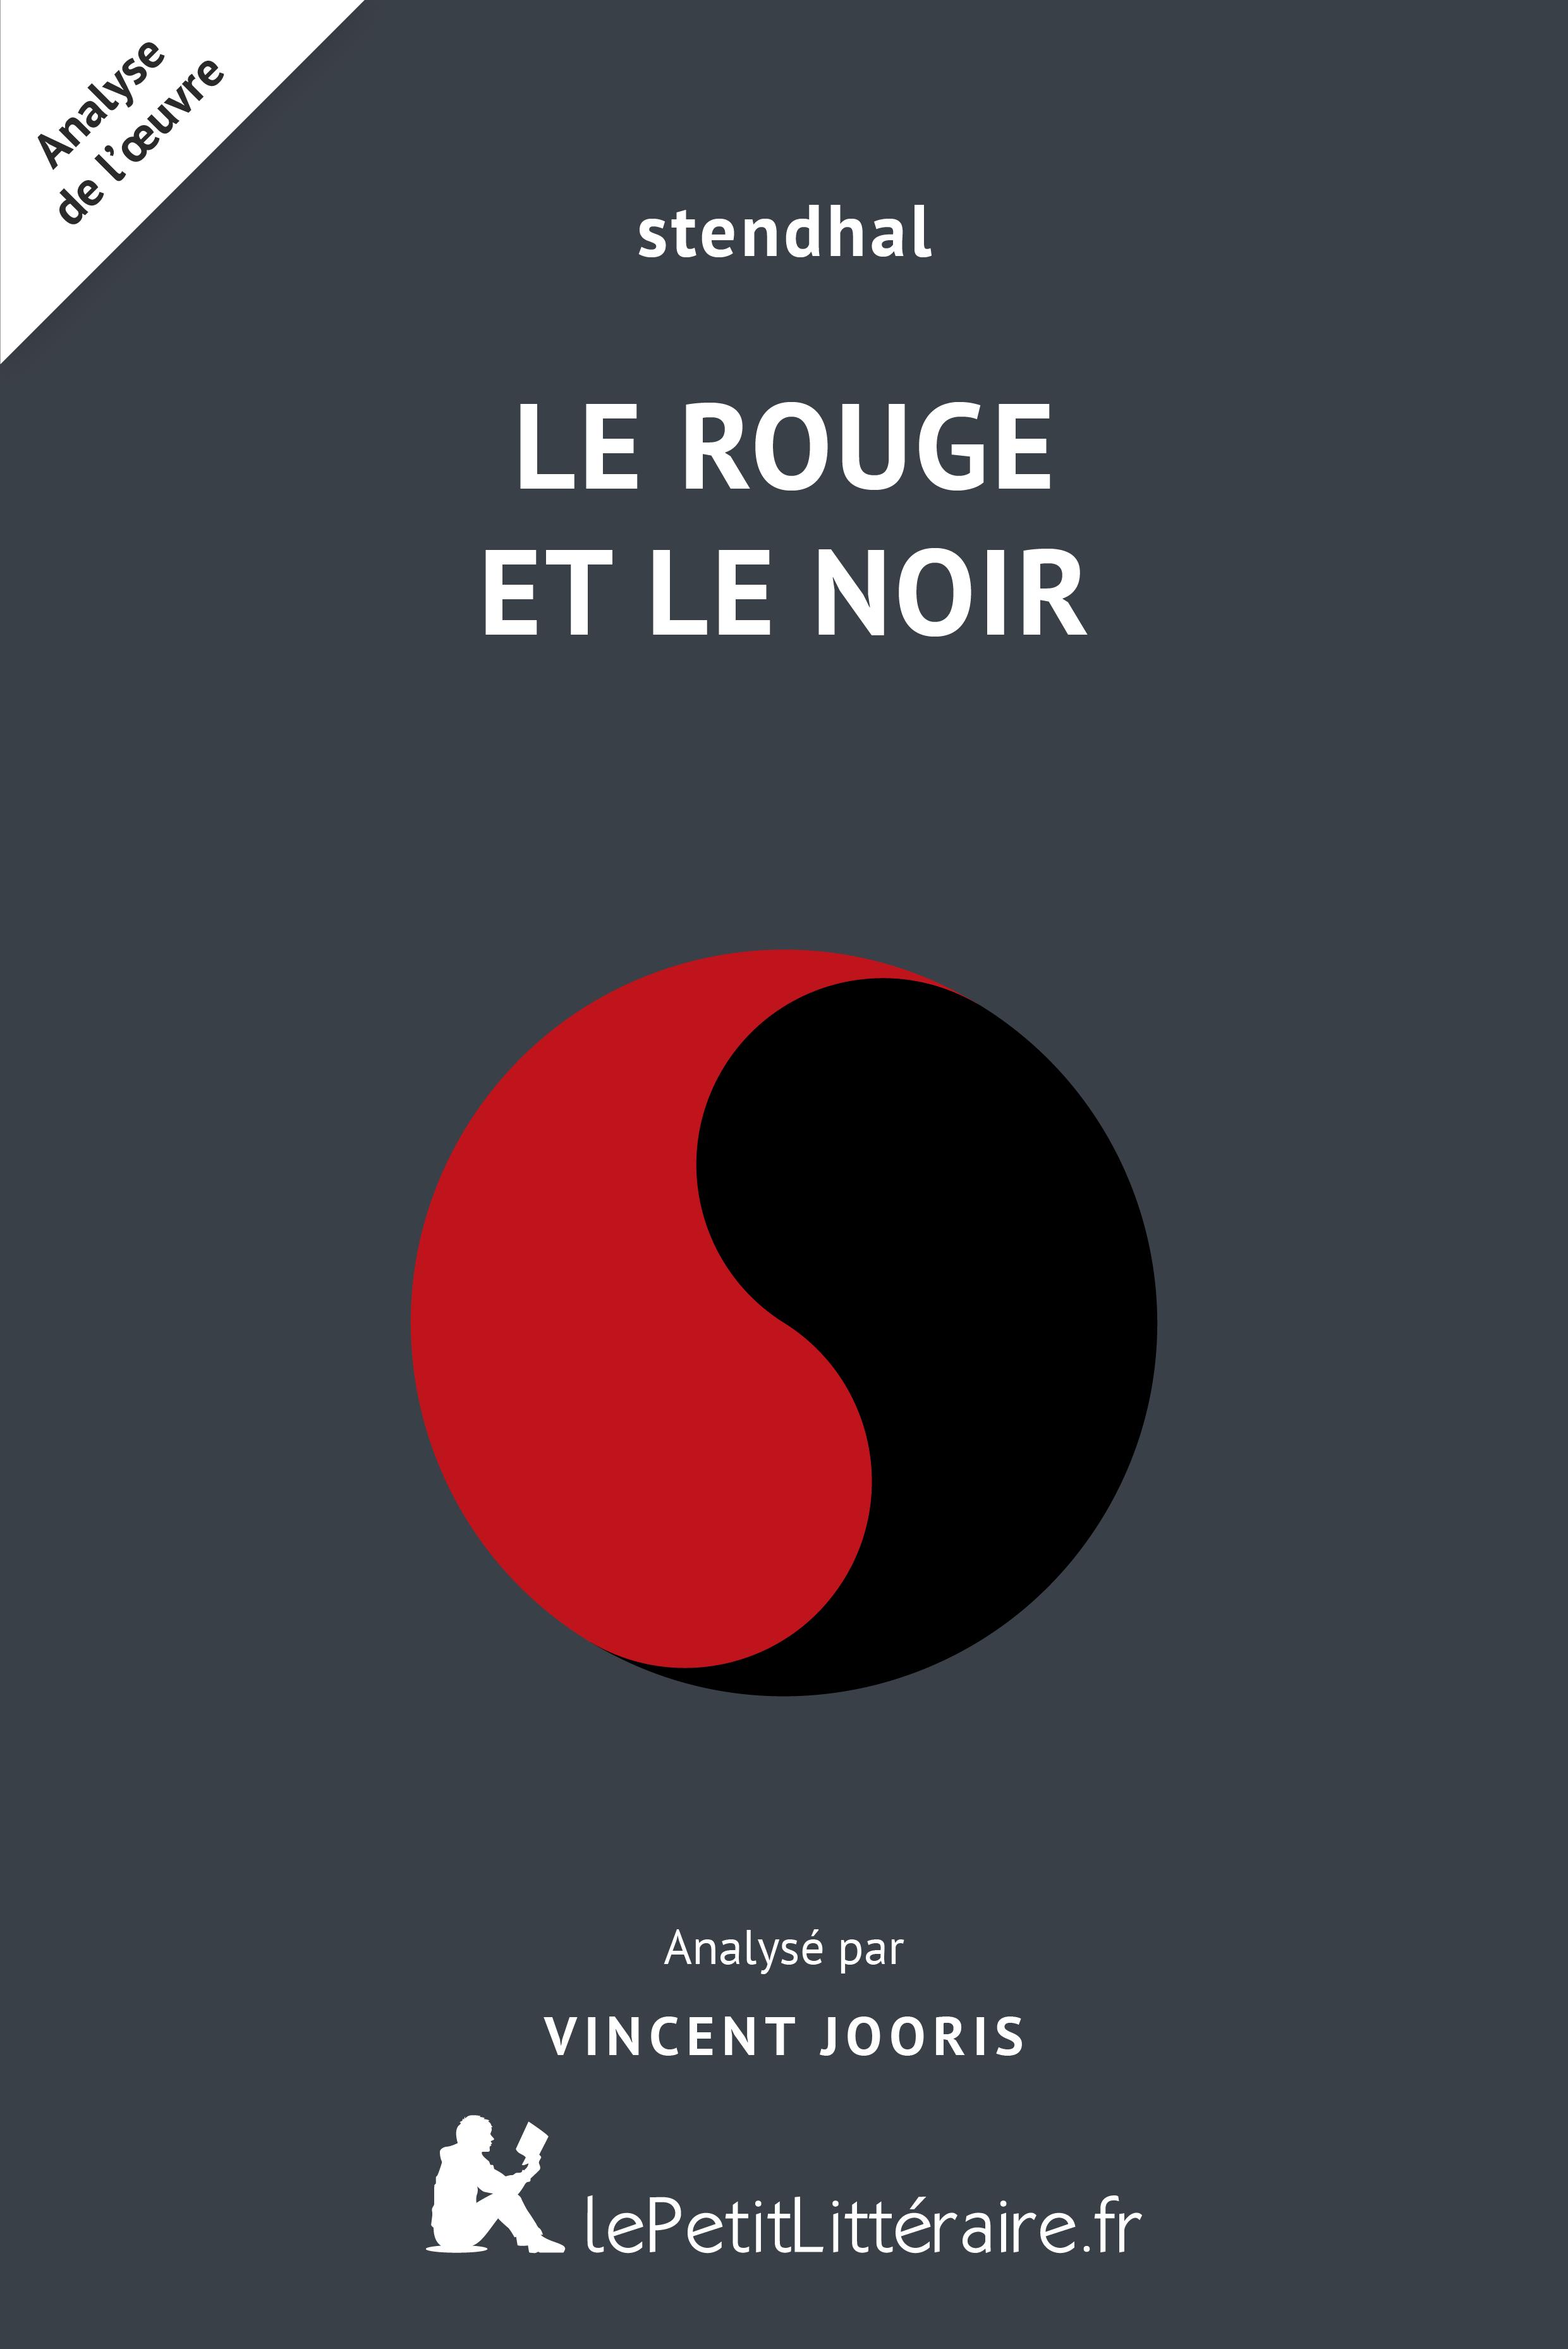 Lepetitlitteraire Fr Le Rouge Et Le Noir Stendhal